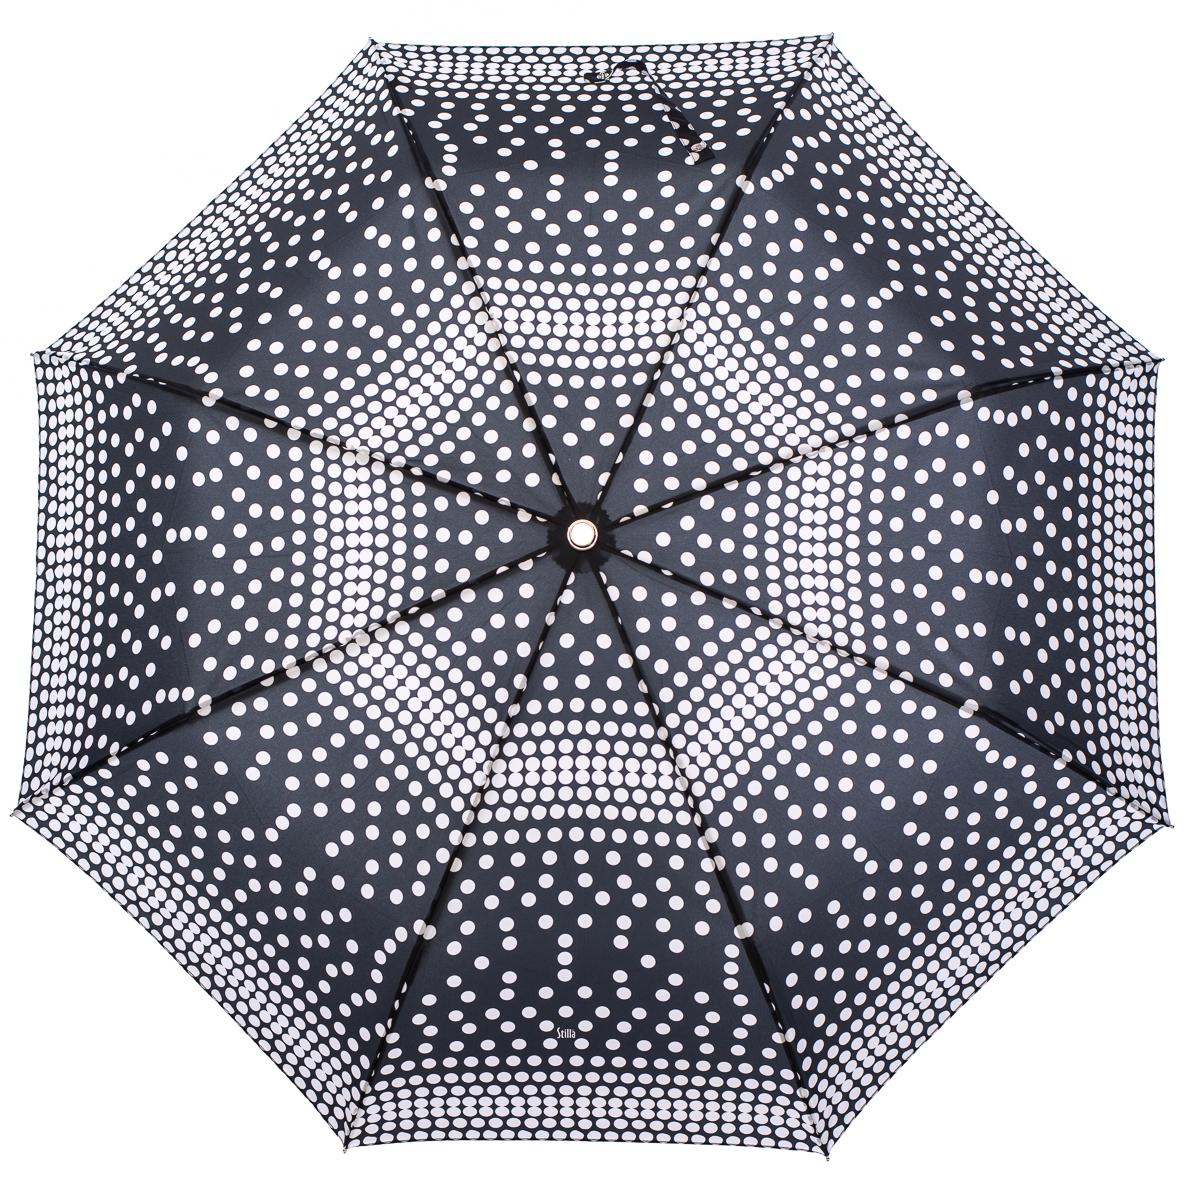 Зонт женский Stilla, цвет: черный. 775/2 mini39890|Колье (короткие одноярусные бусы)Облегченный женский зонтик. Конструкция 3 сложения, полный автомат, облегченная конструкция (вес - 320 гр), система антиветер. Ткань - полиэстер. Диаметр купола - 112 см по верхней части, 101 см по нижней. Длина в сложенном состоянии - 27 см.